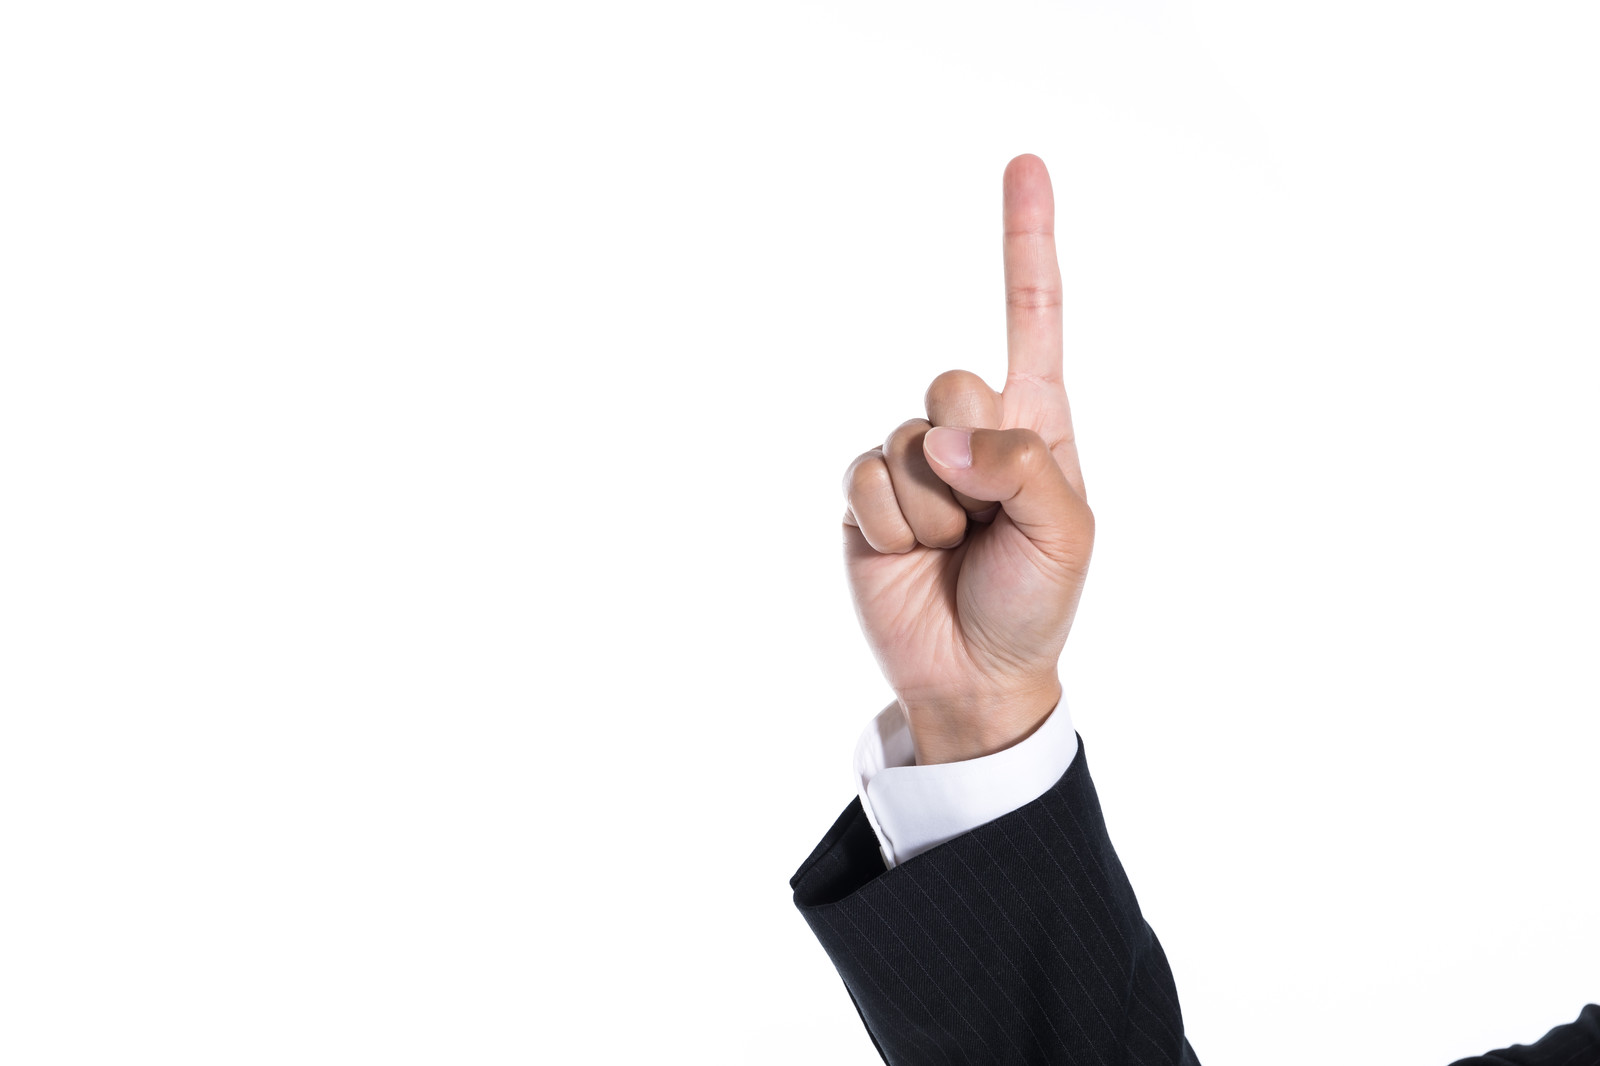 夜職を辞める際のトラブルを解決する対処法3選